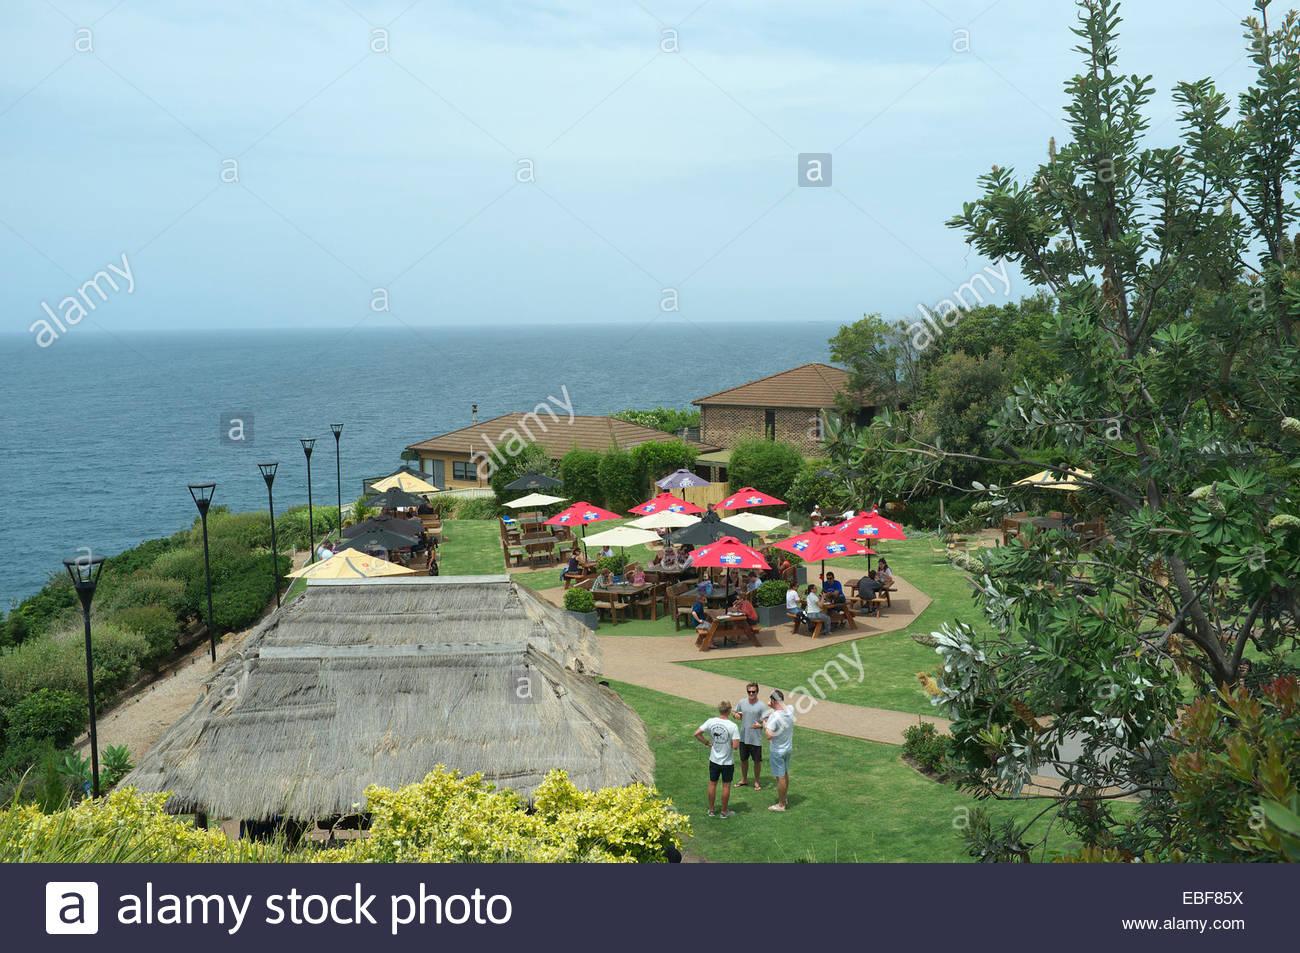 Hotel Garden By The Sea - Best Garden In The World 2017